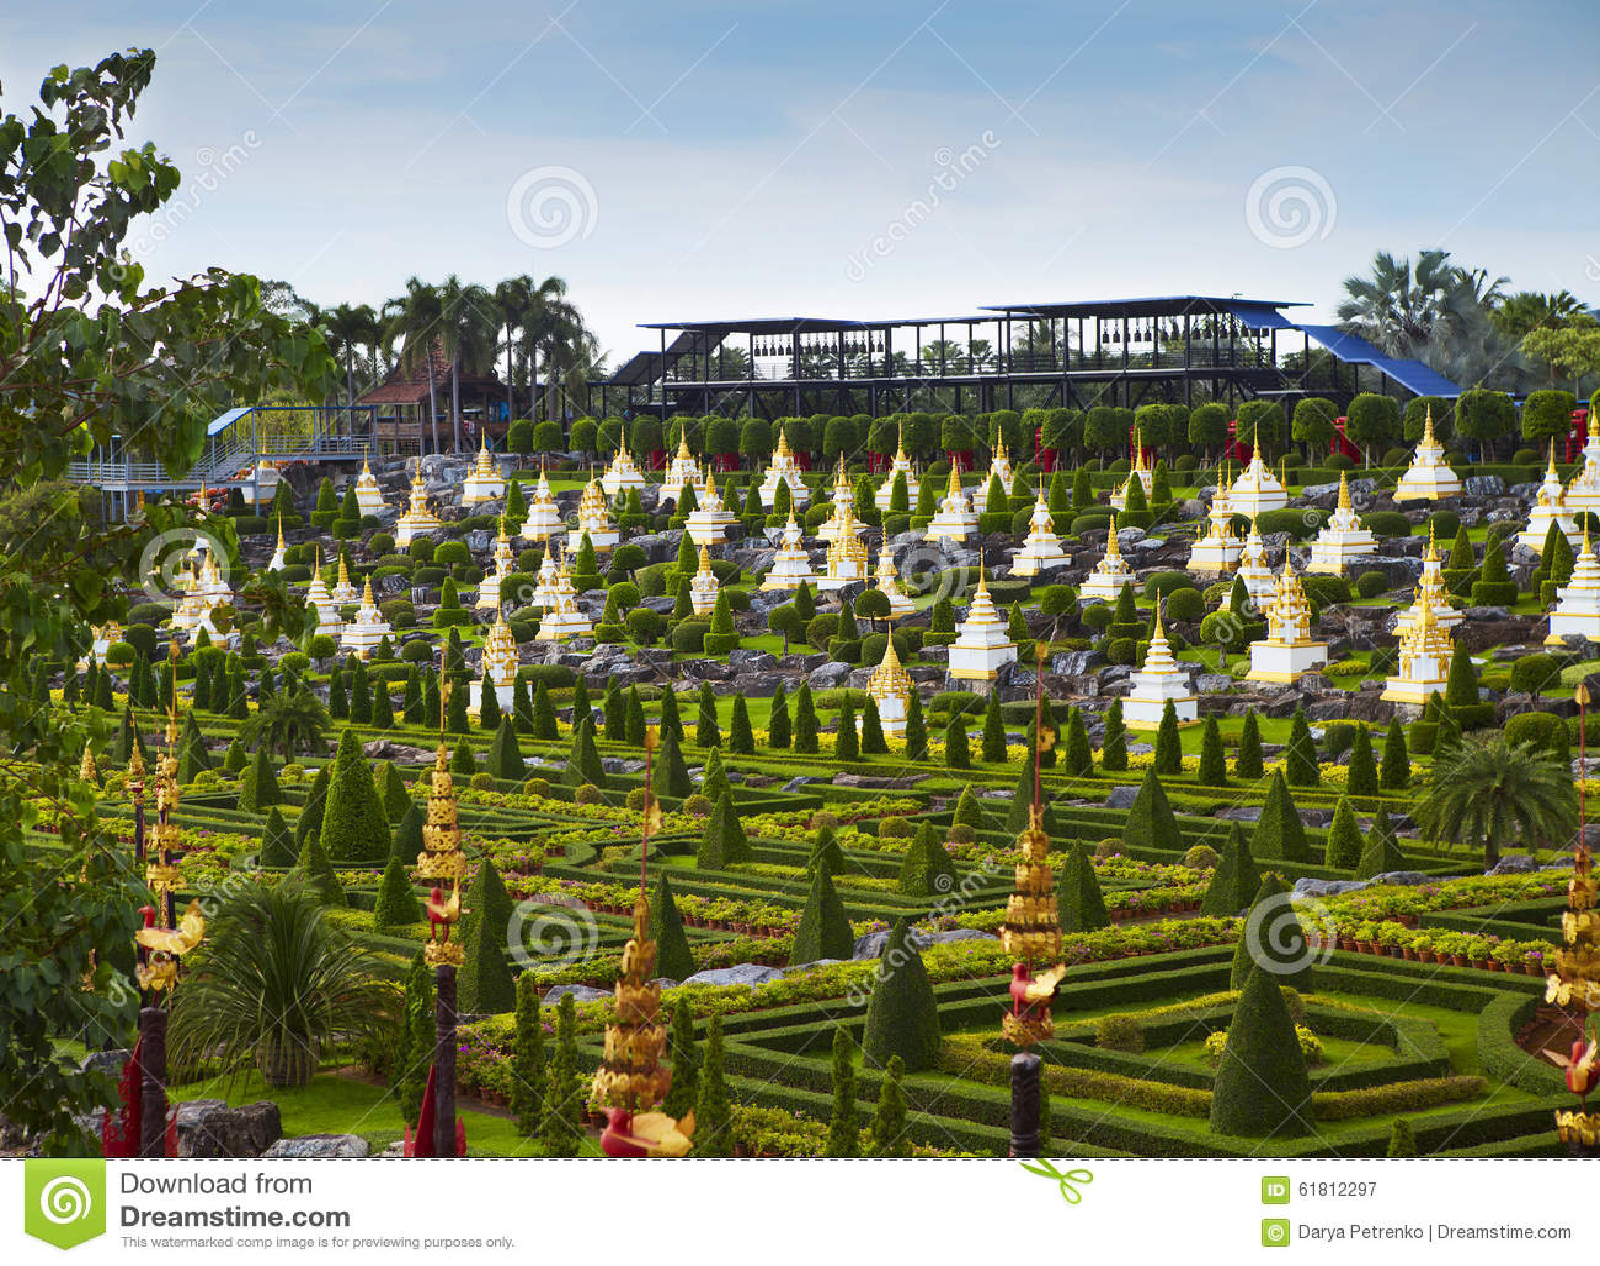 Nong Nooch Tropical Botanical Garden, details, Pattaya, Thailand